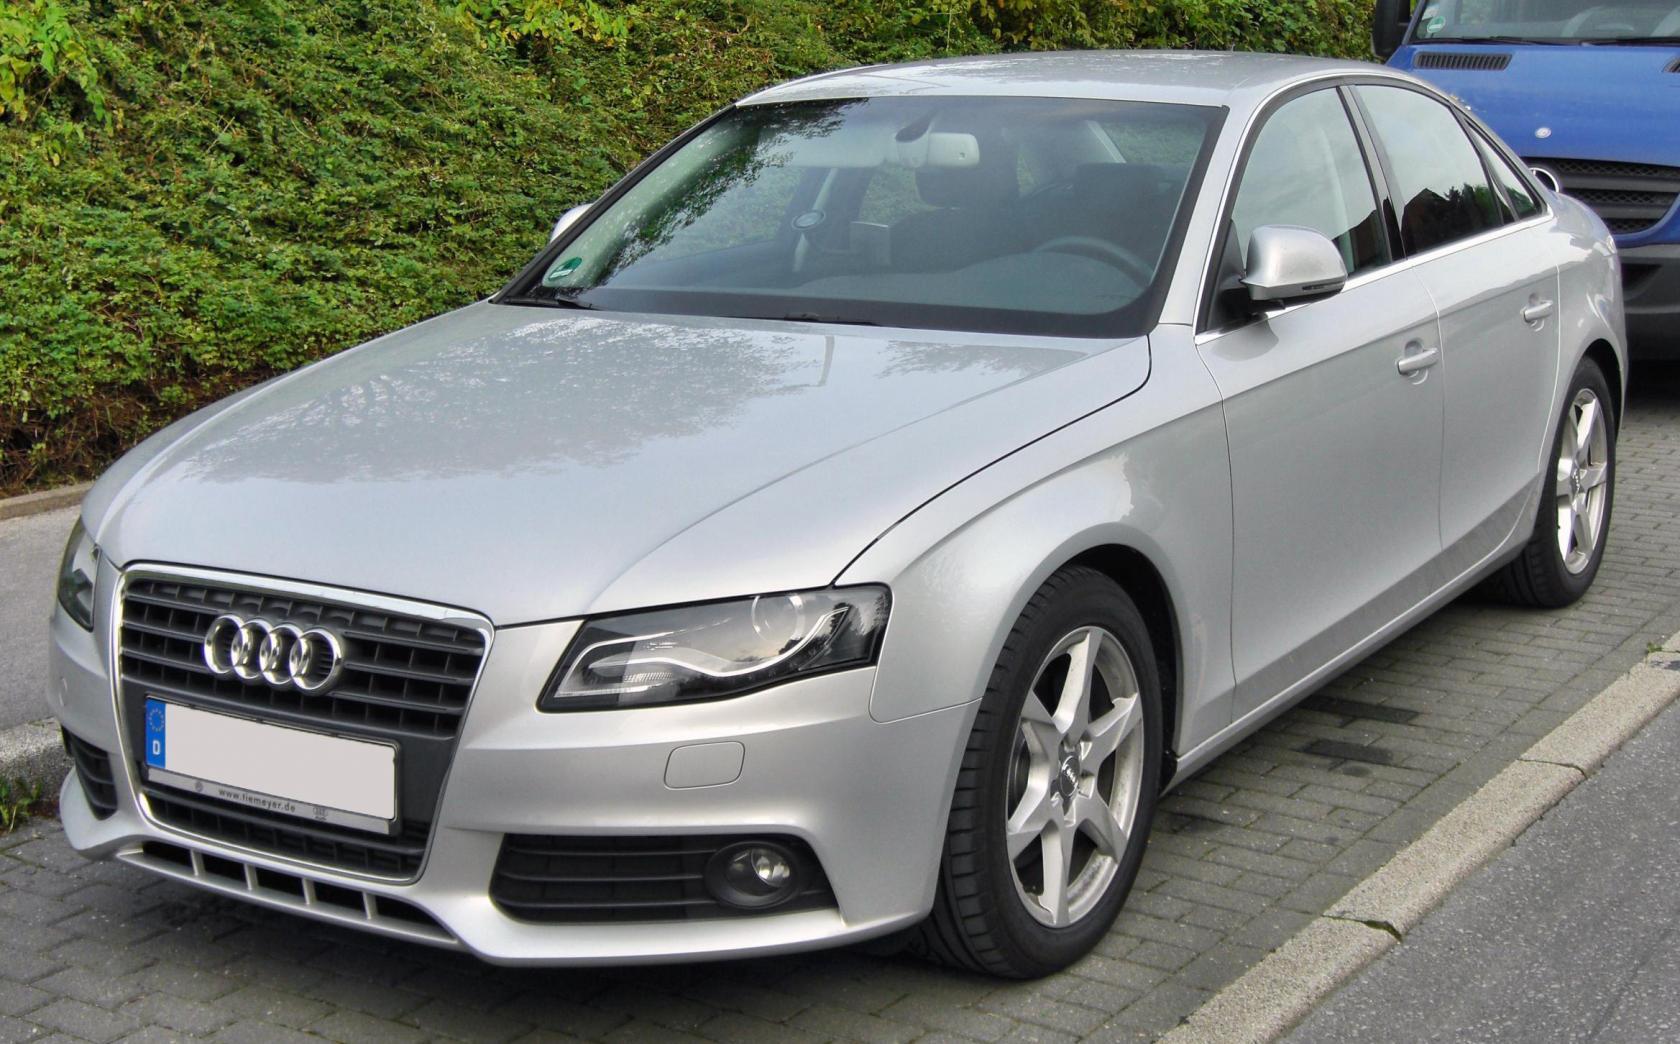 Audi-A4-B8-1